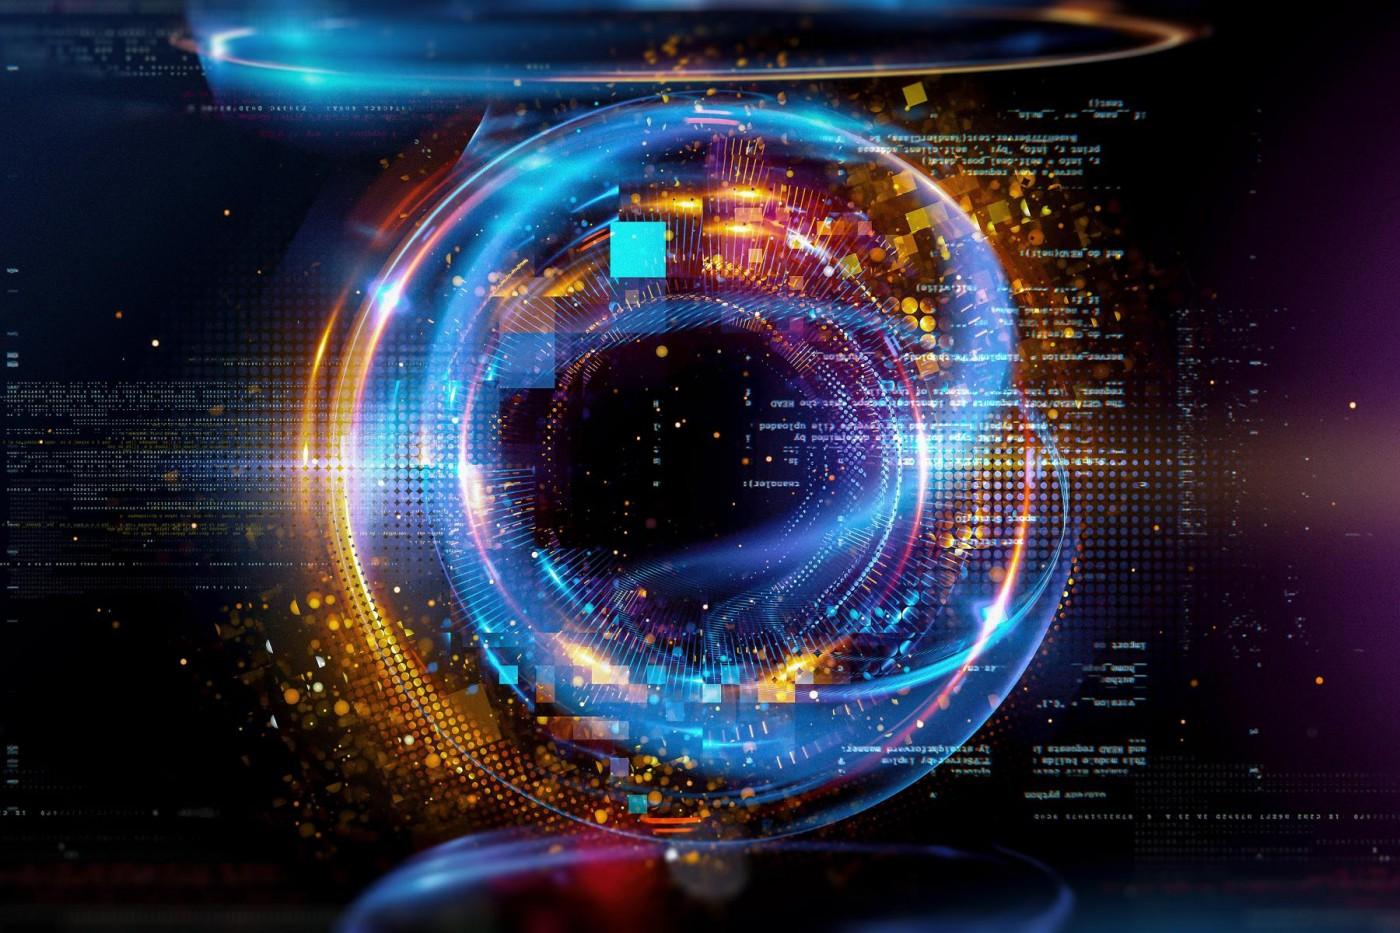 什么是量子电池(quantum battery)?不到一秒就能完成充电